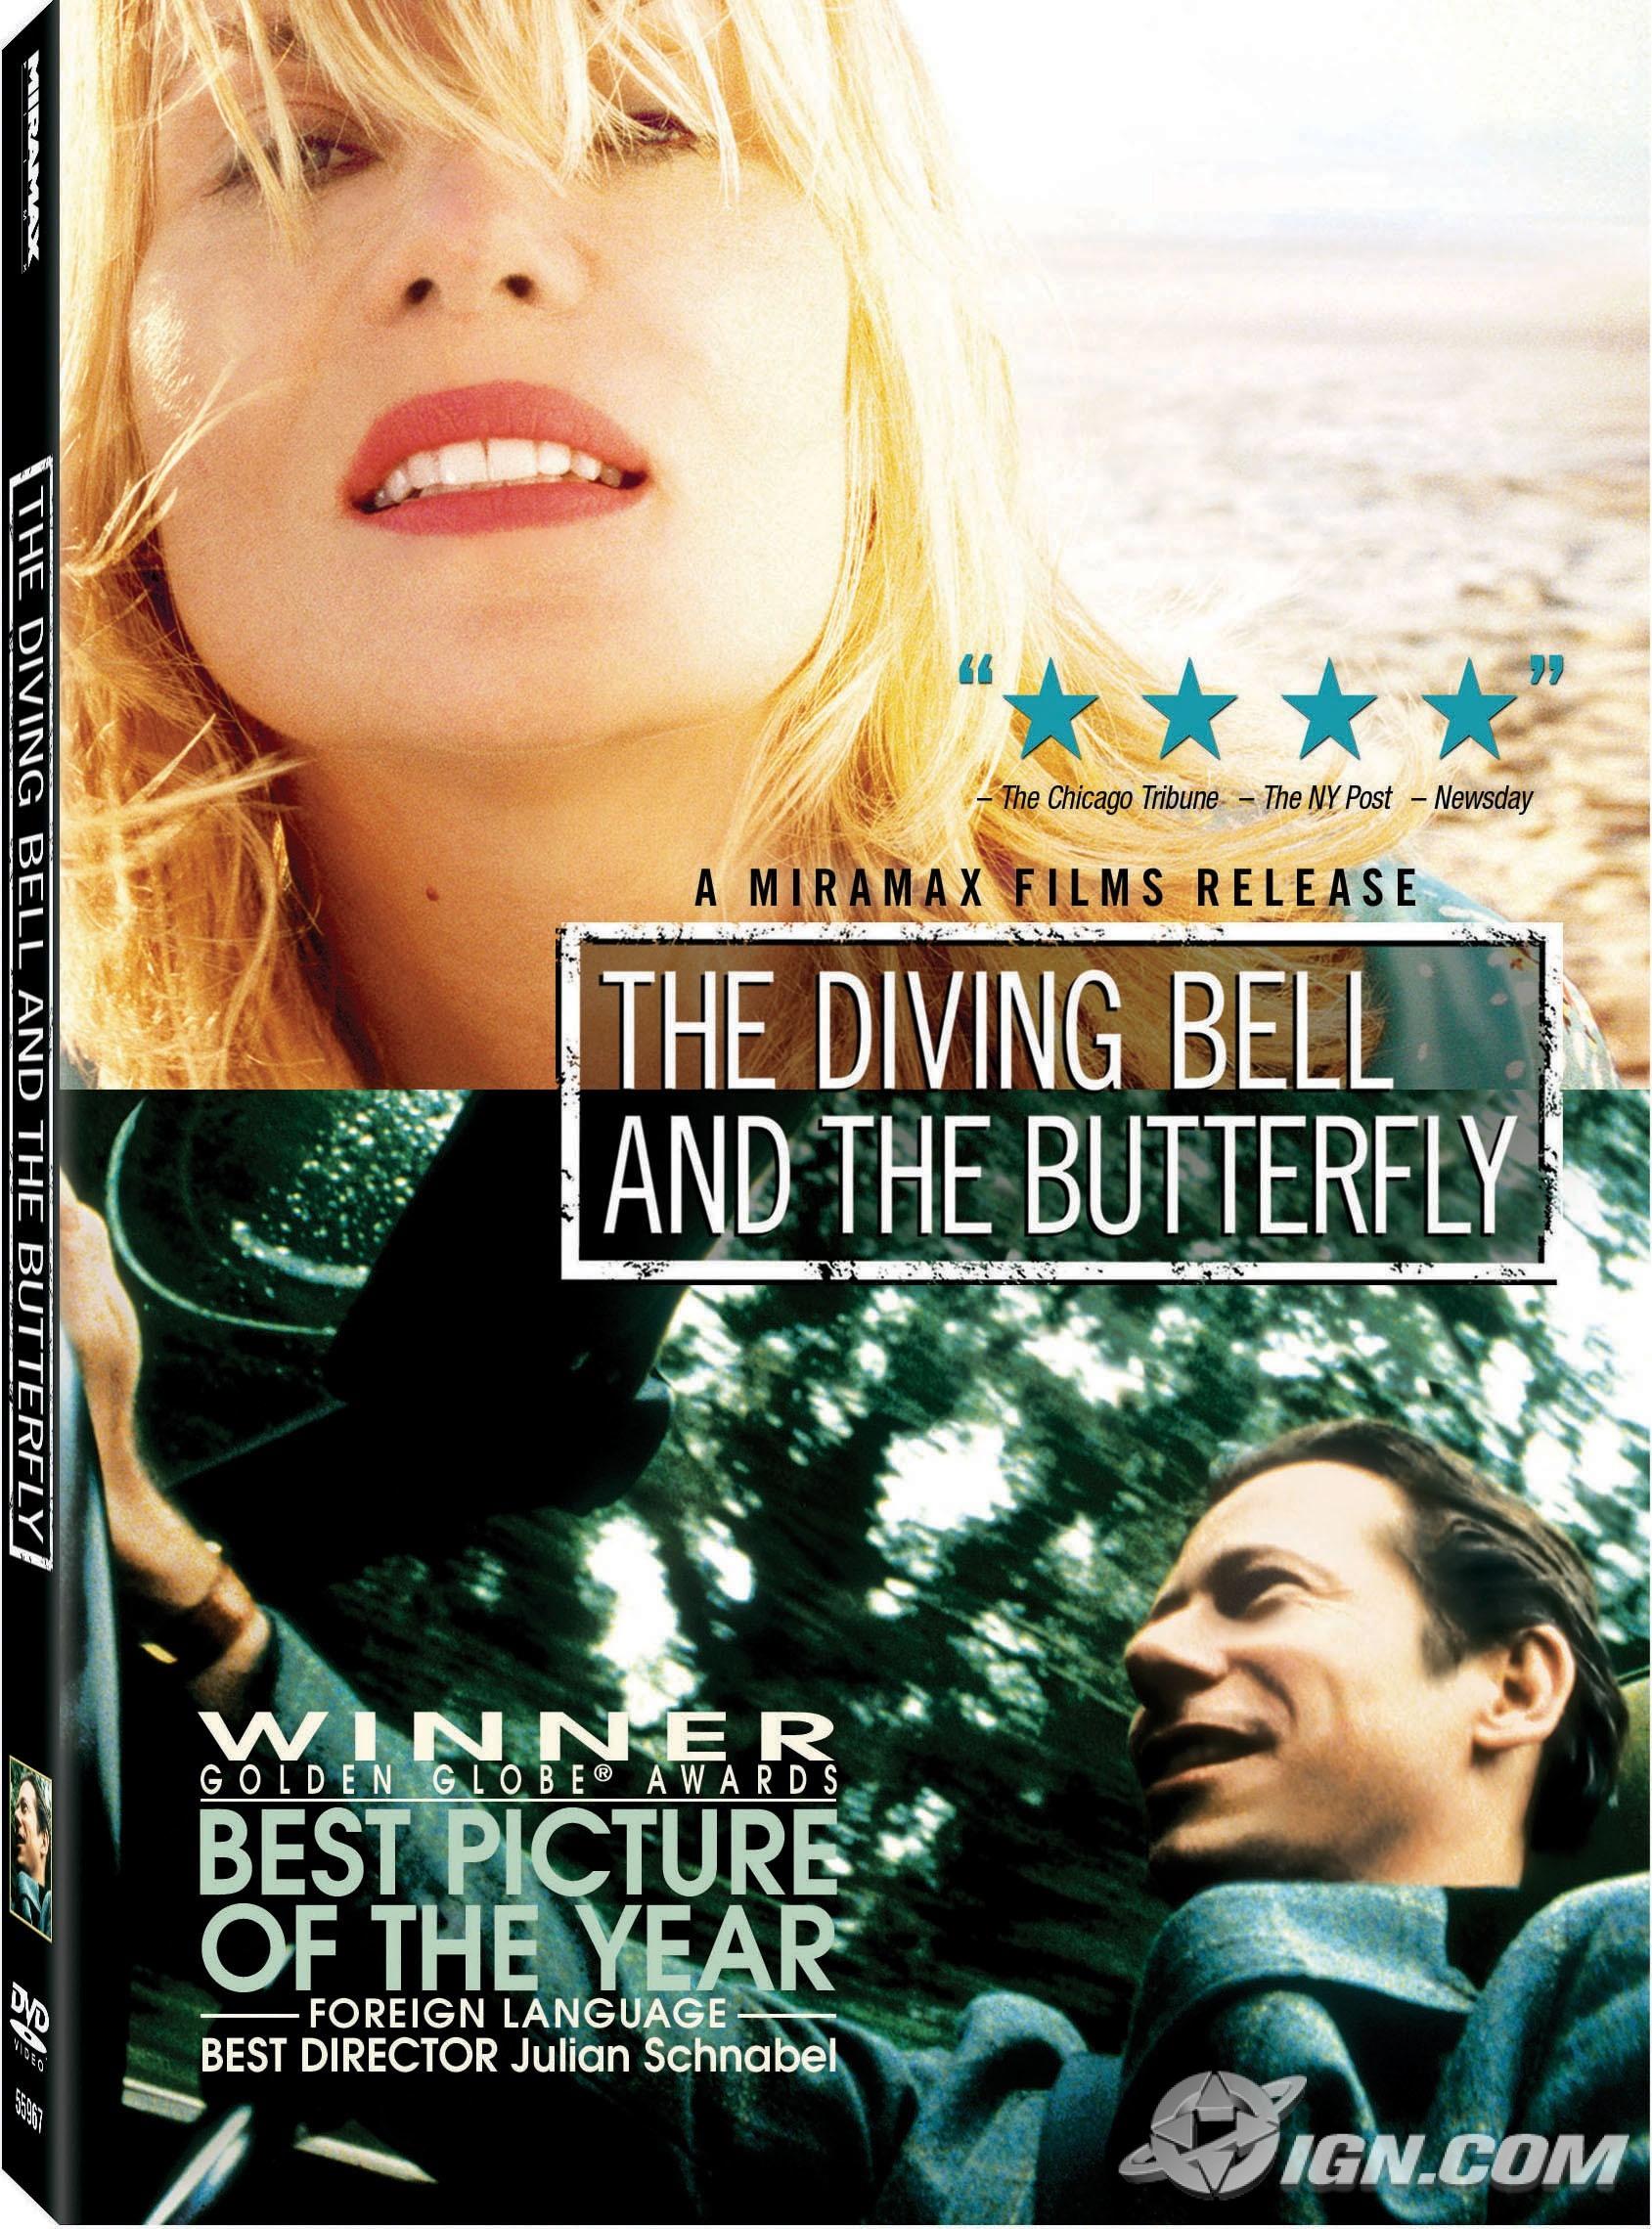 diving-bells-butterflies-to-dvd-20080307113350377-2314250